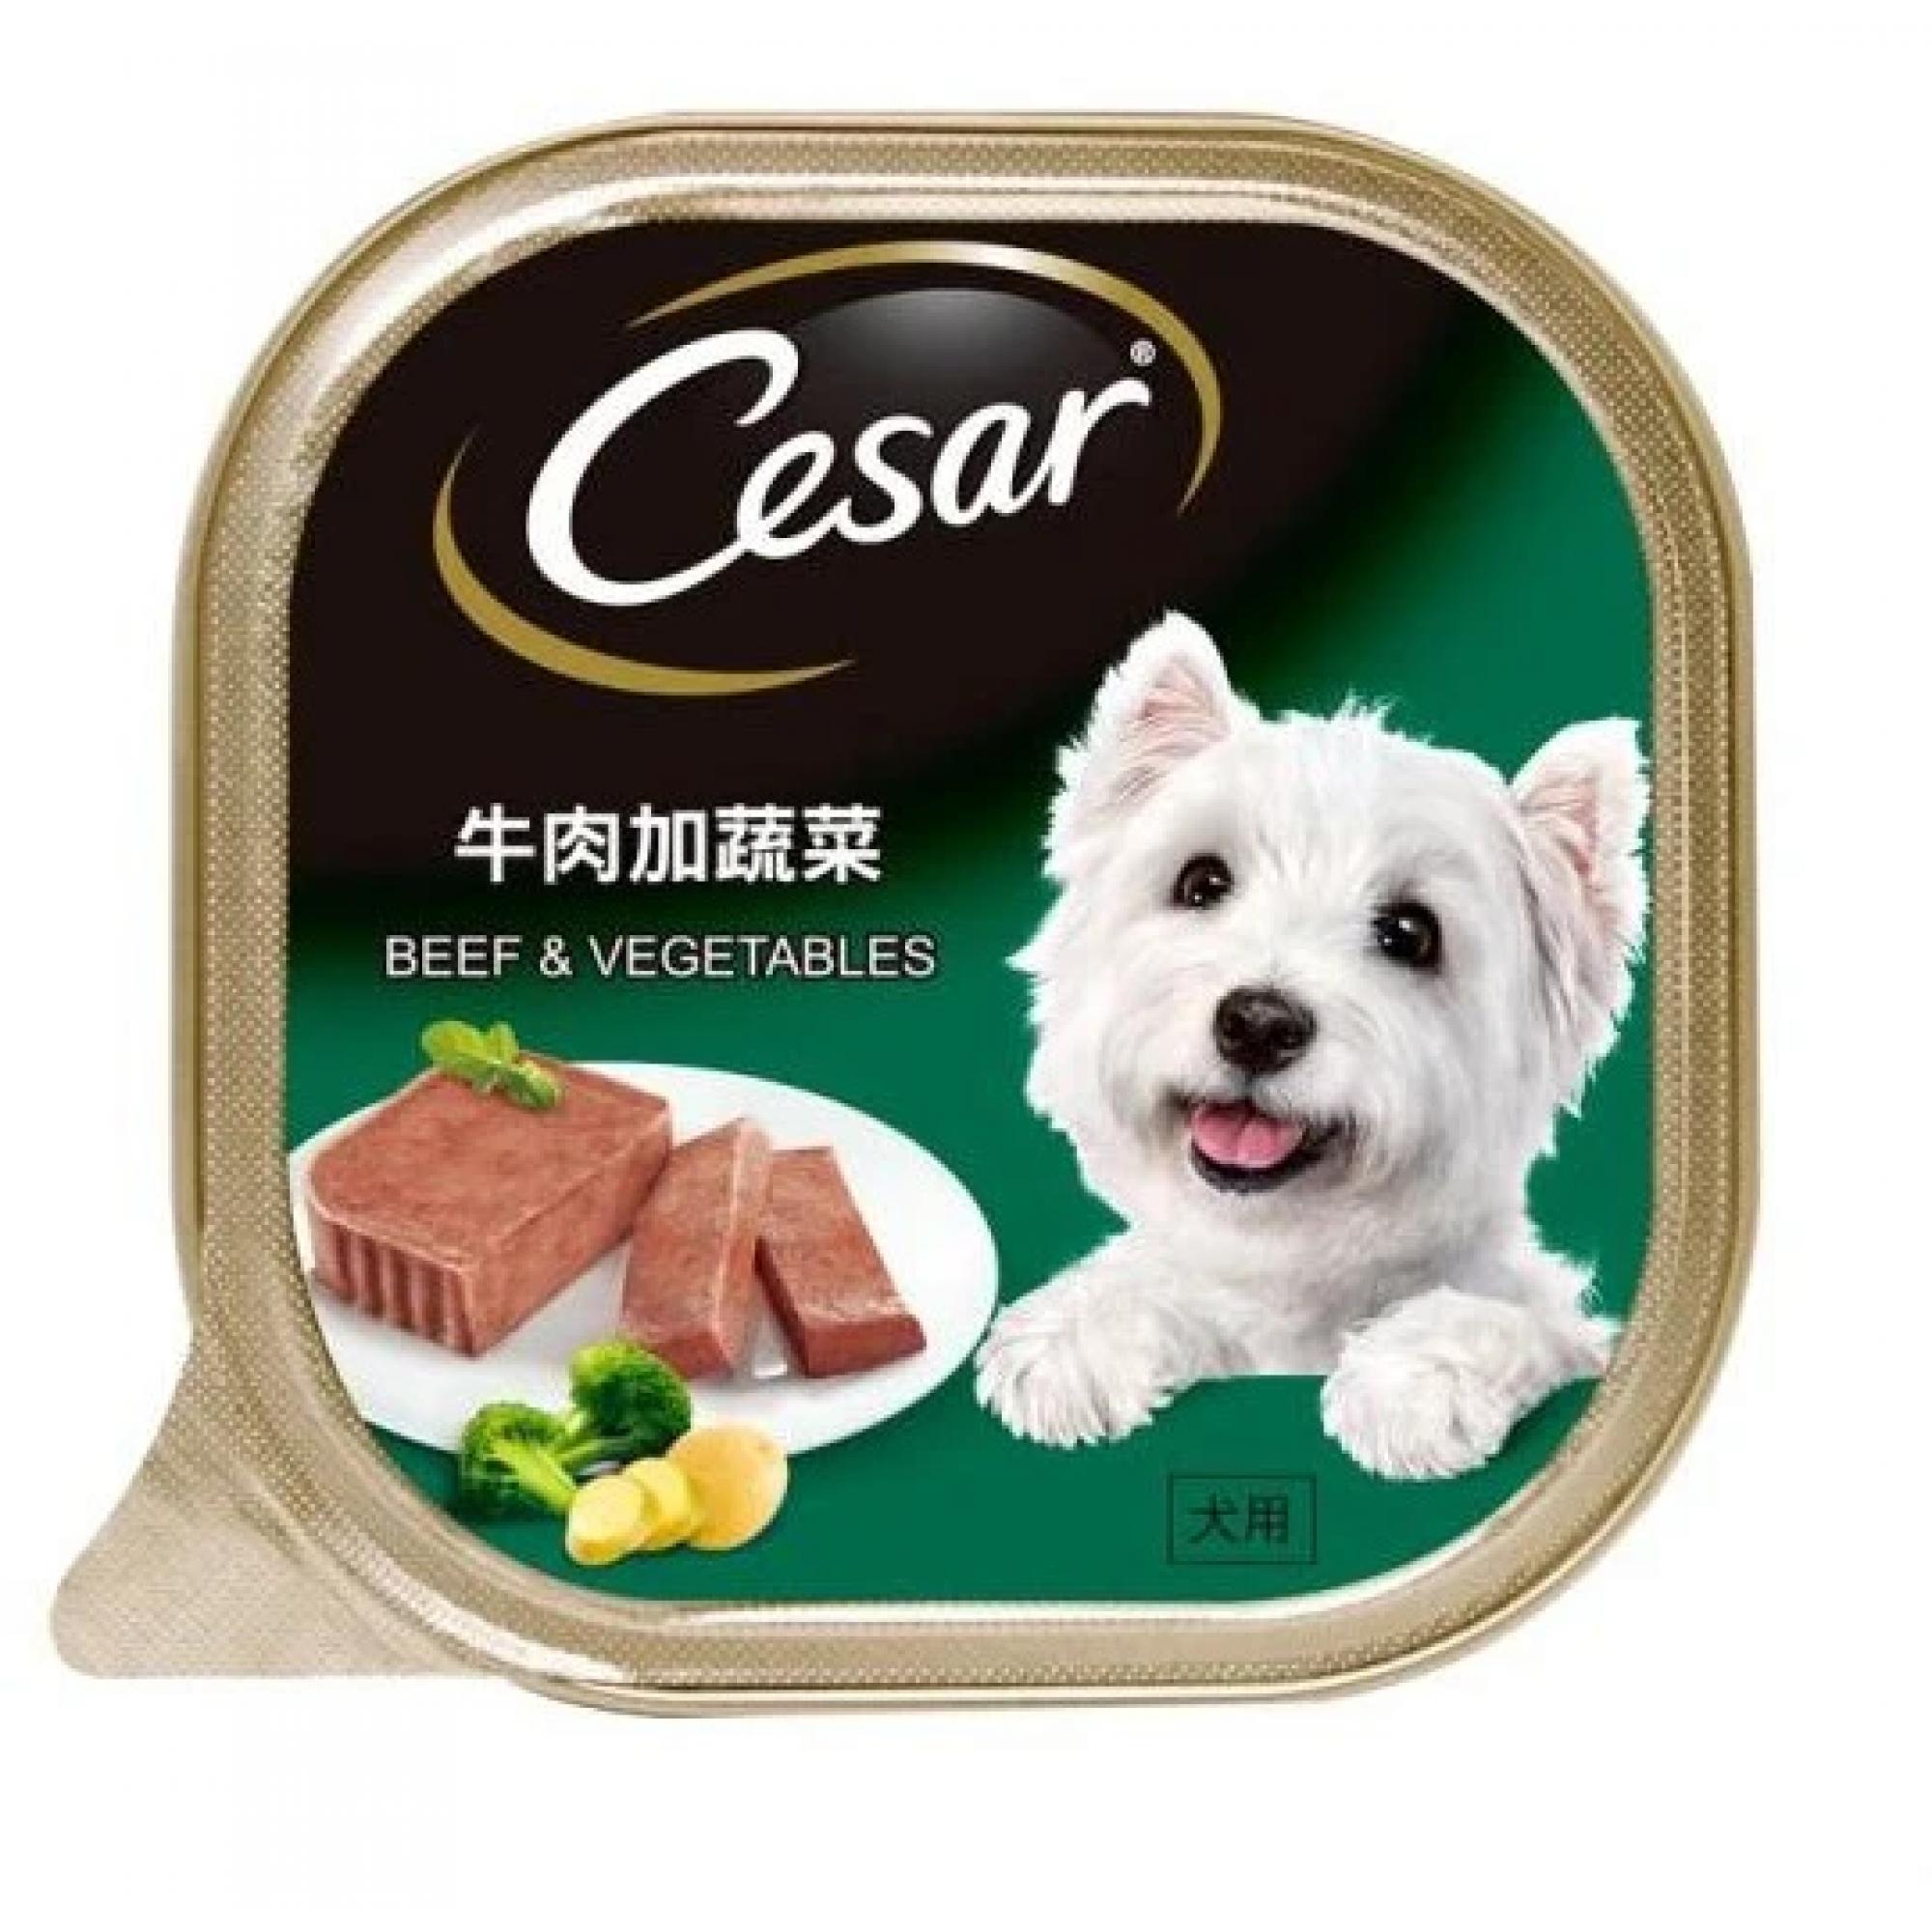 Cesar - Beef & Vegetables Pate Dog Food 100g